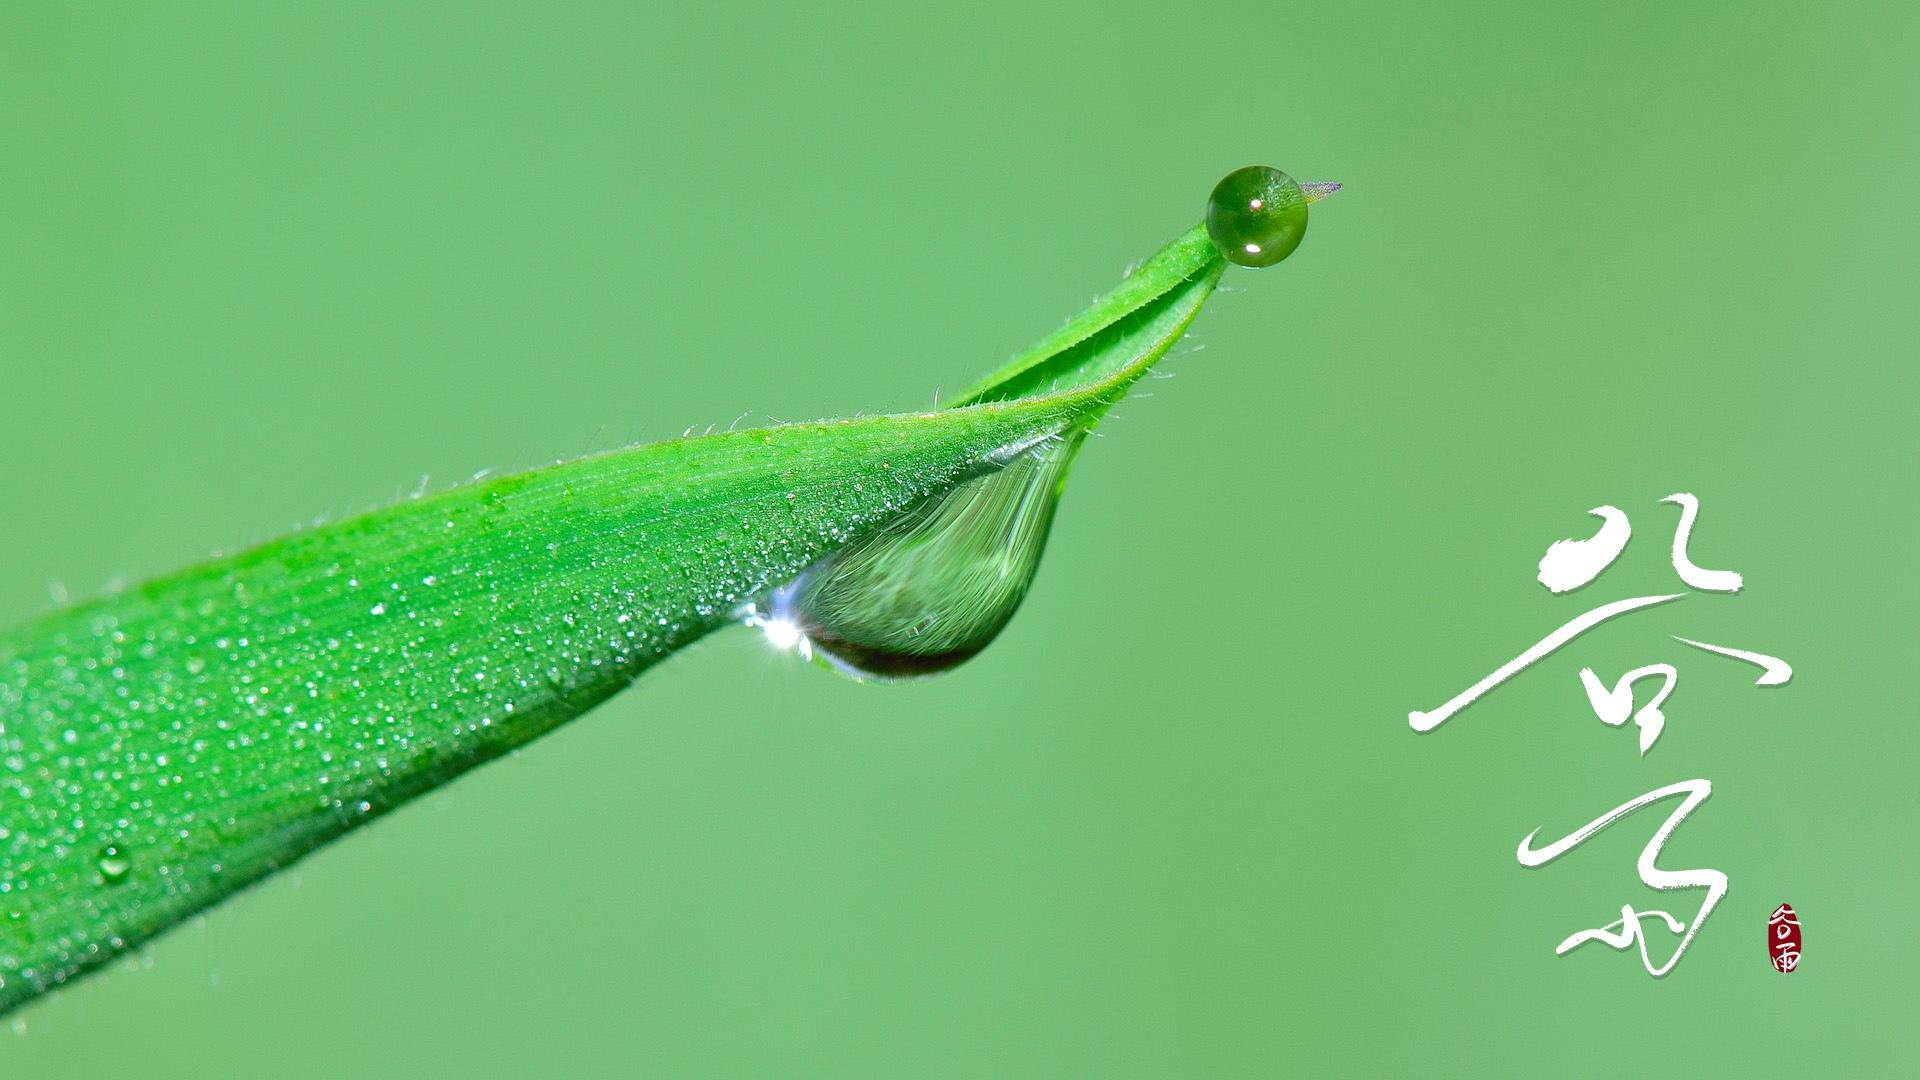 谷雨清新养眼绿色壁纸